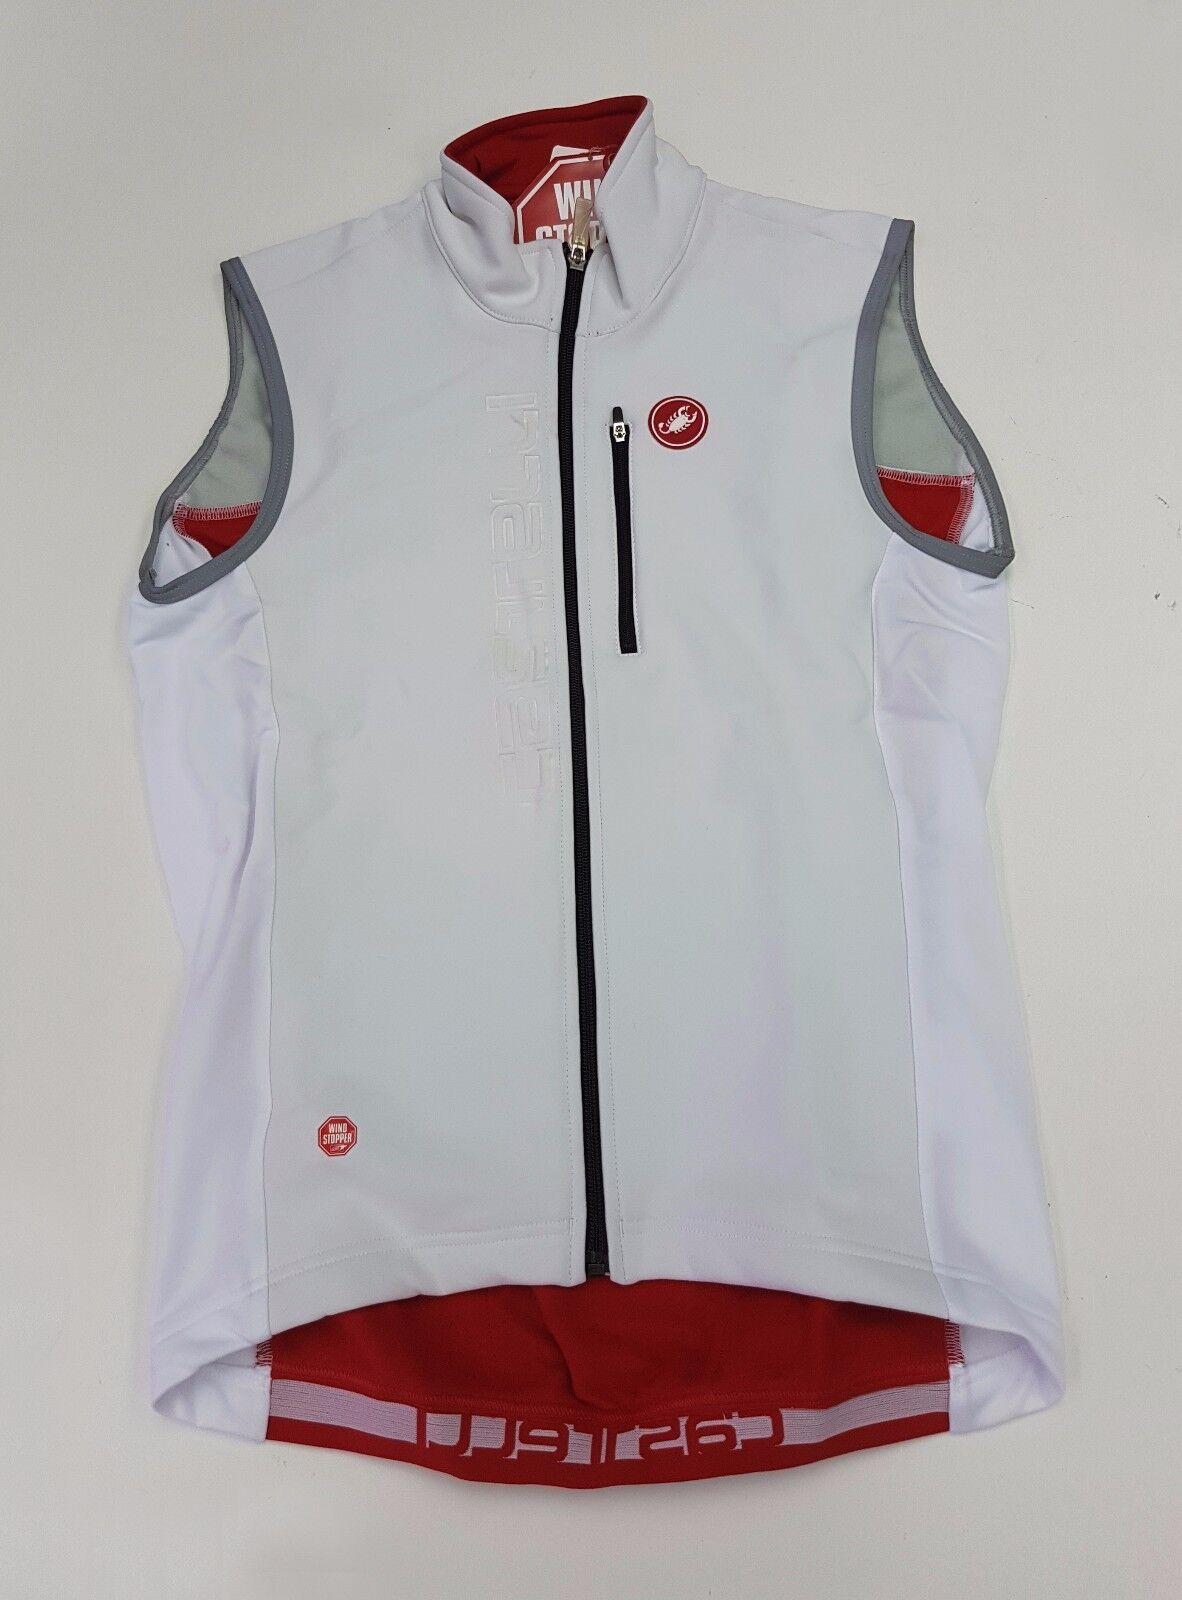 Castelli Invierno para Hombre Ciclismo Chaleco blancoo Rojo isterico Talla M